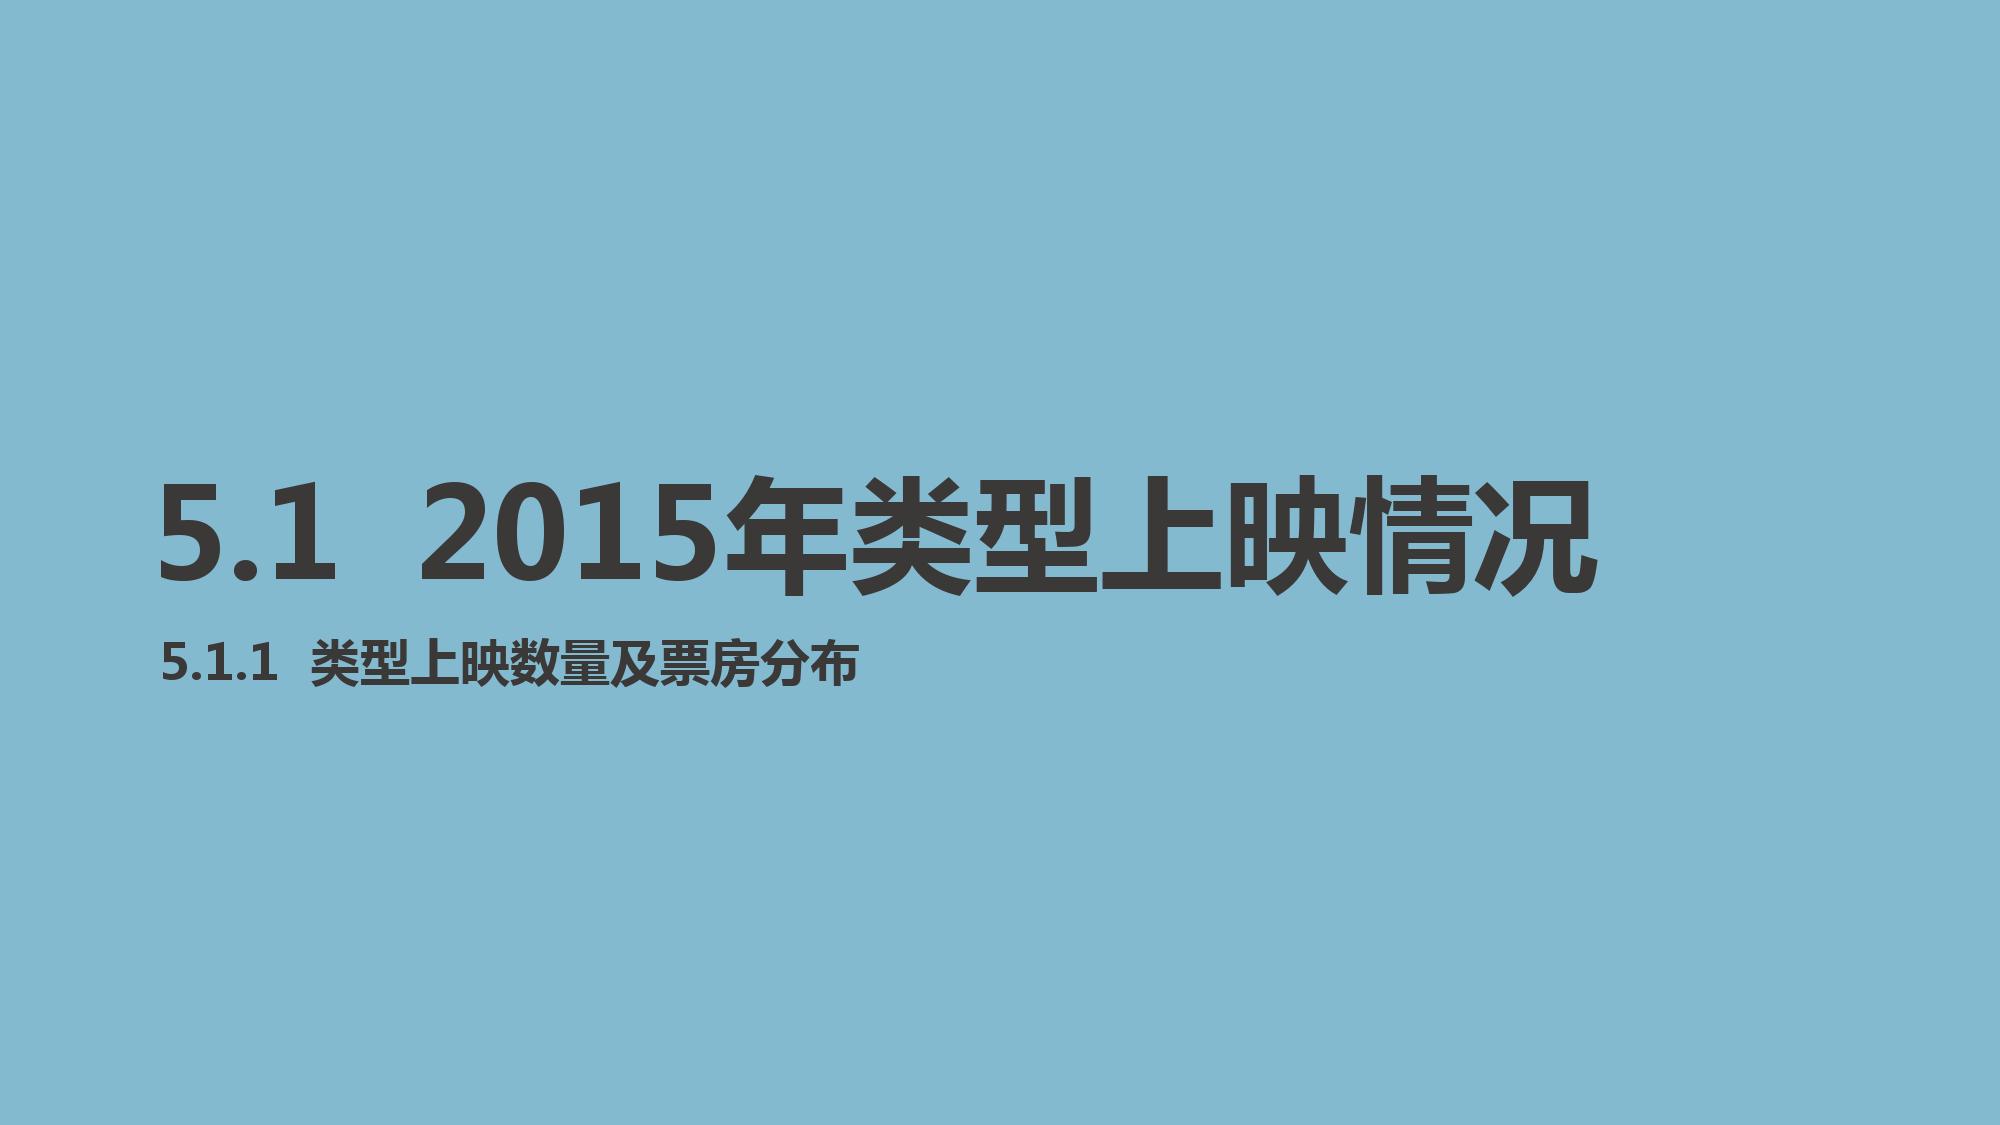 2015年度中国电影产业报告_000066